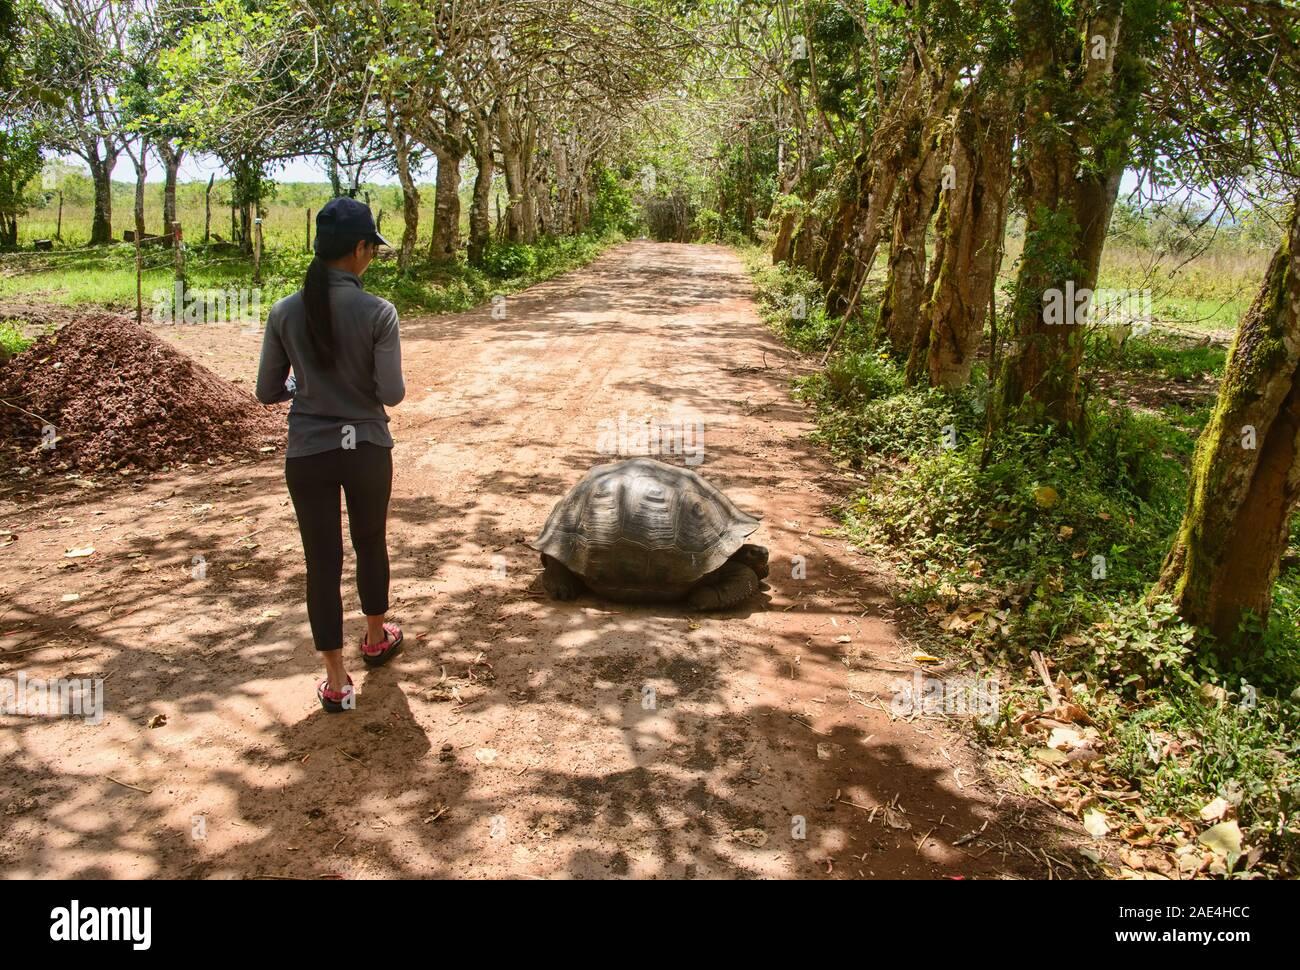 Galapagos giant tortoise (Chelonoidis nigra), El Chato Reserve, Galapagos Islands, Ecuado Stock Photo